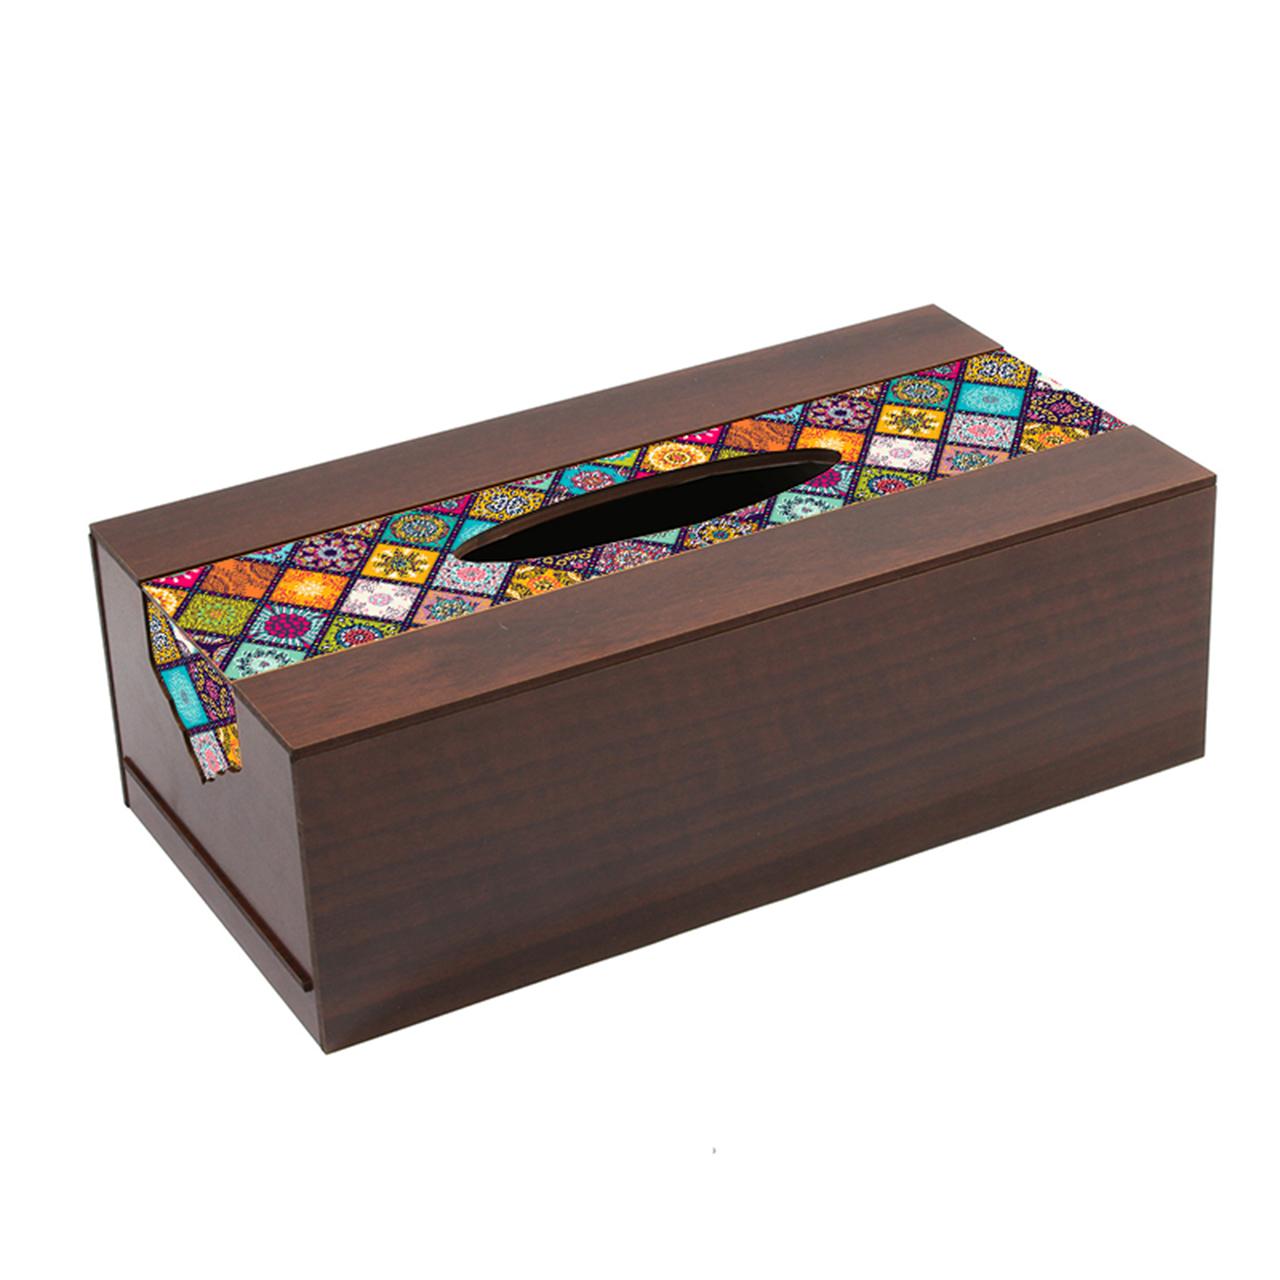 جعبه دستمال کاغذی تهران جی اف ایکس مدل D156 main 1 1